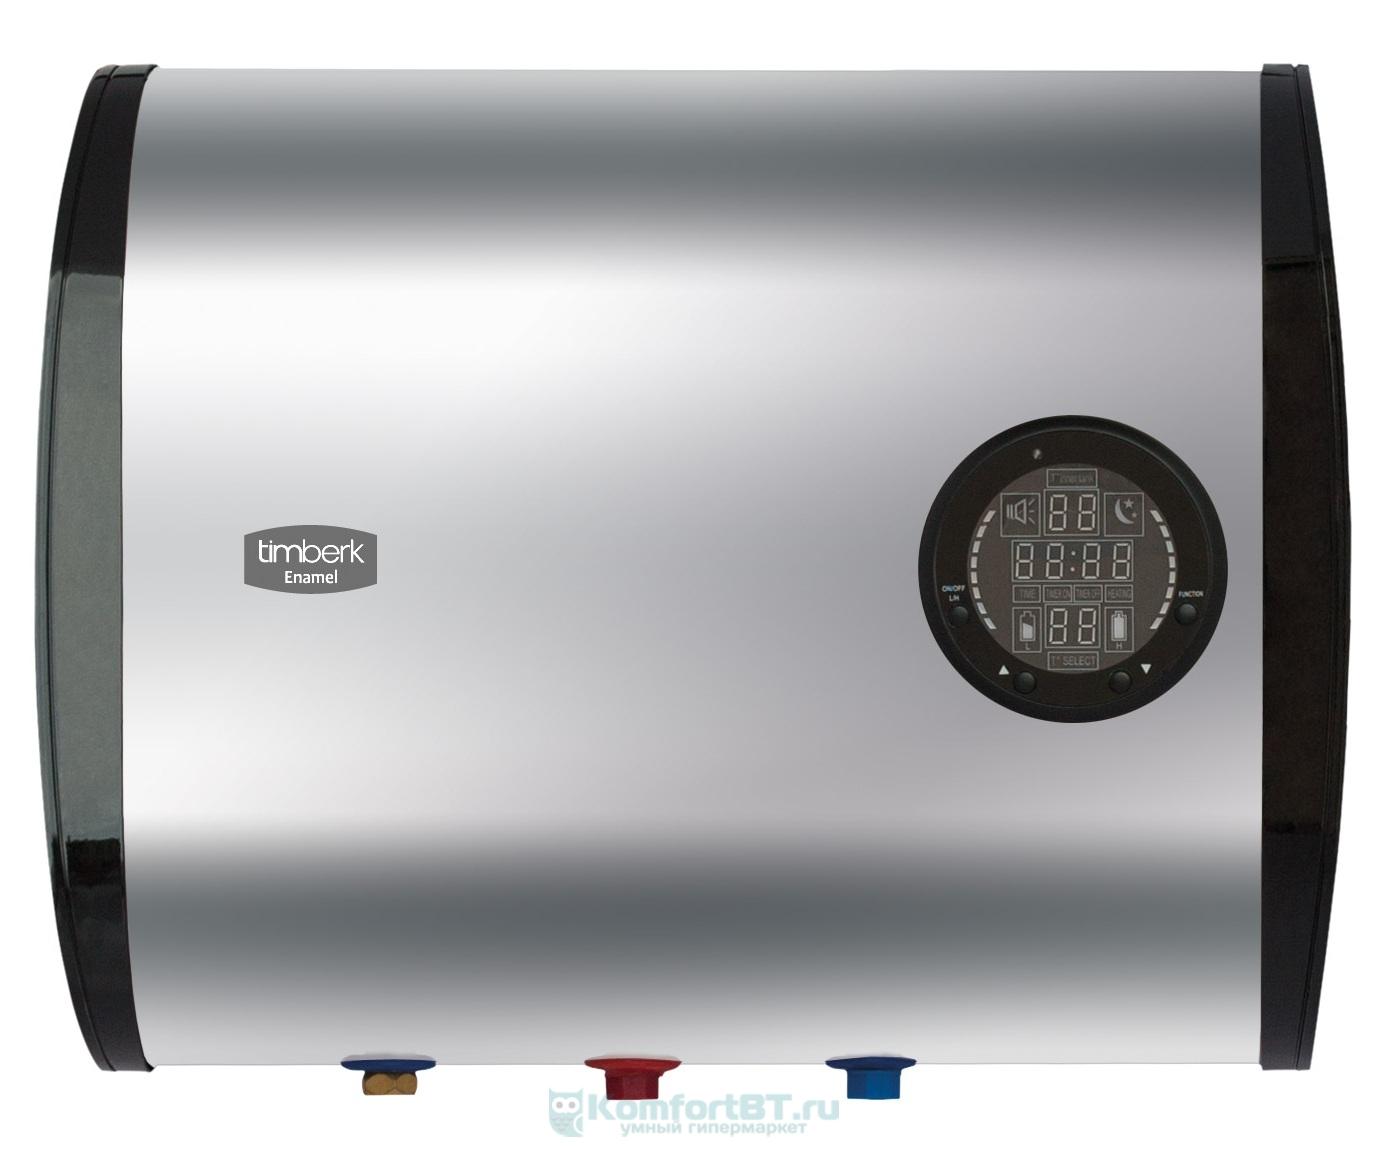 Какое водонагреватели лучше timberk или electrolux? | в чем разница